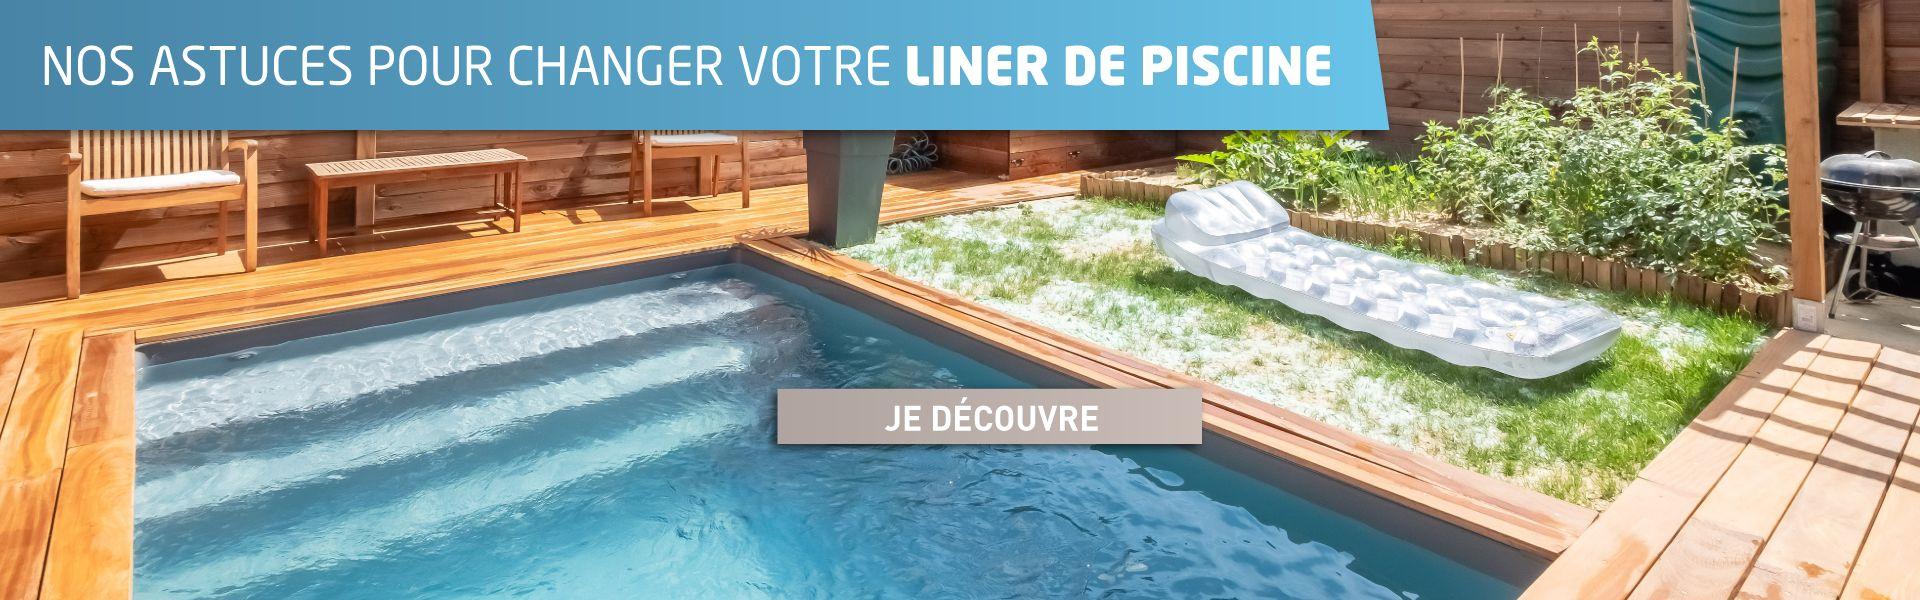 Cash Piscines - Tout Pour La Piscine & Spas Gonflables ... concernant Cash Piscine Saint Jean De Vedas